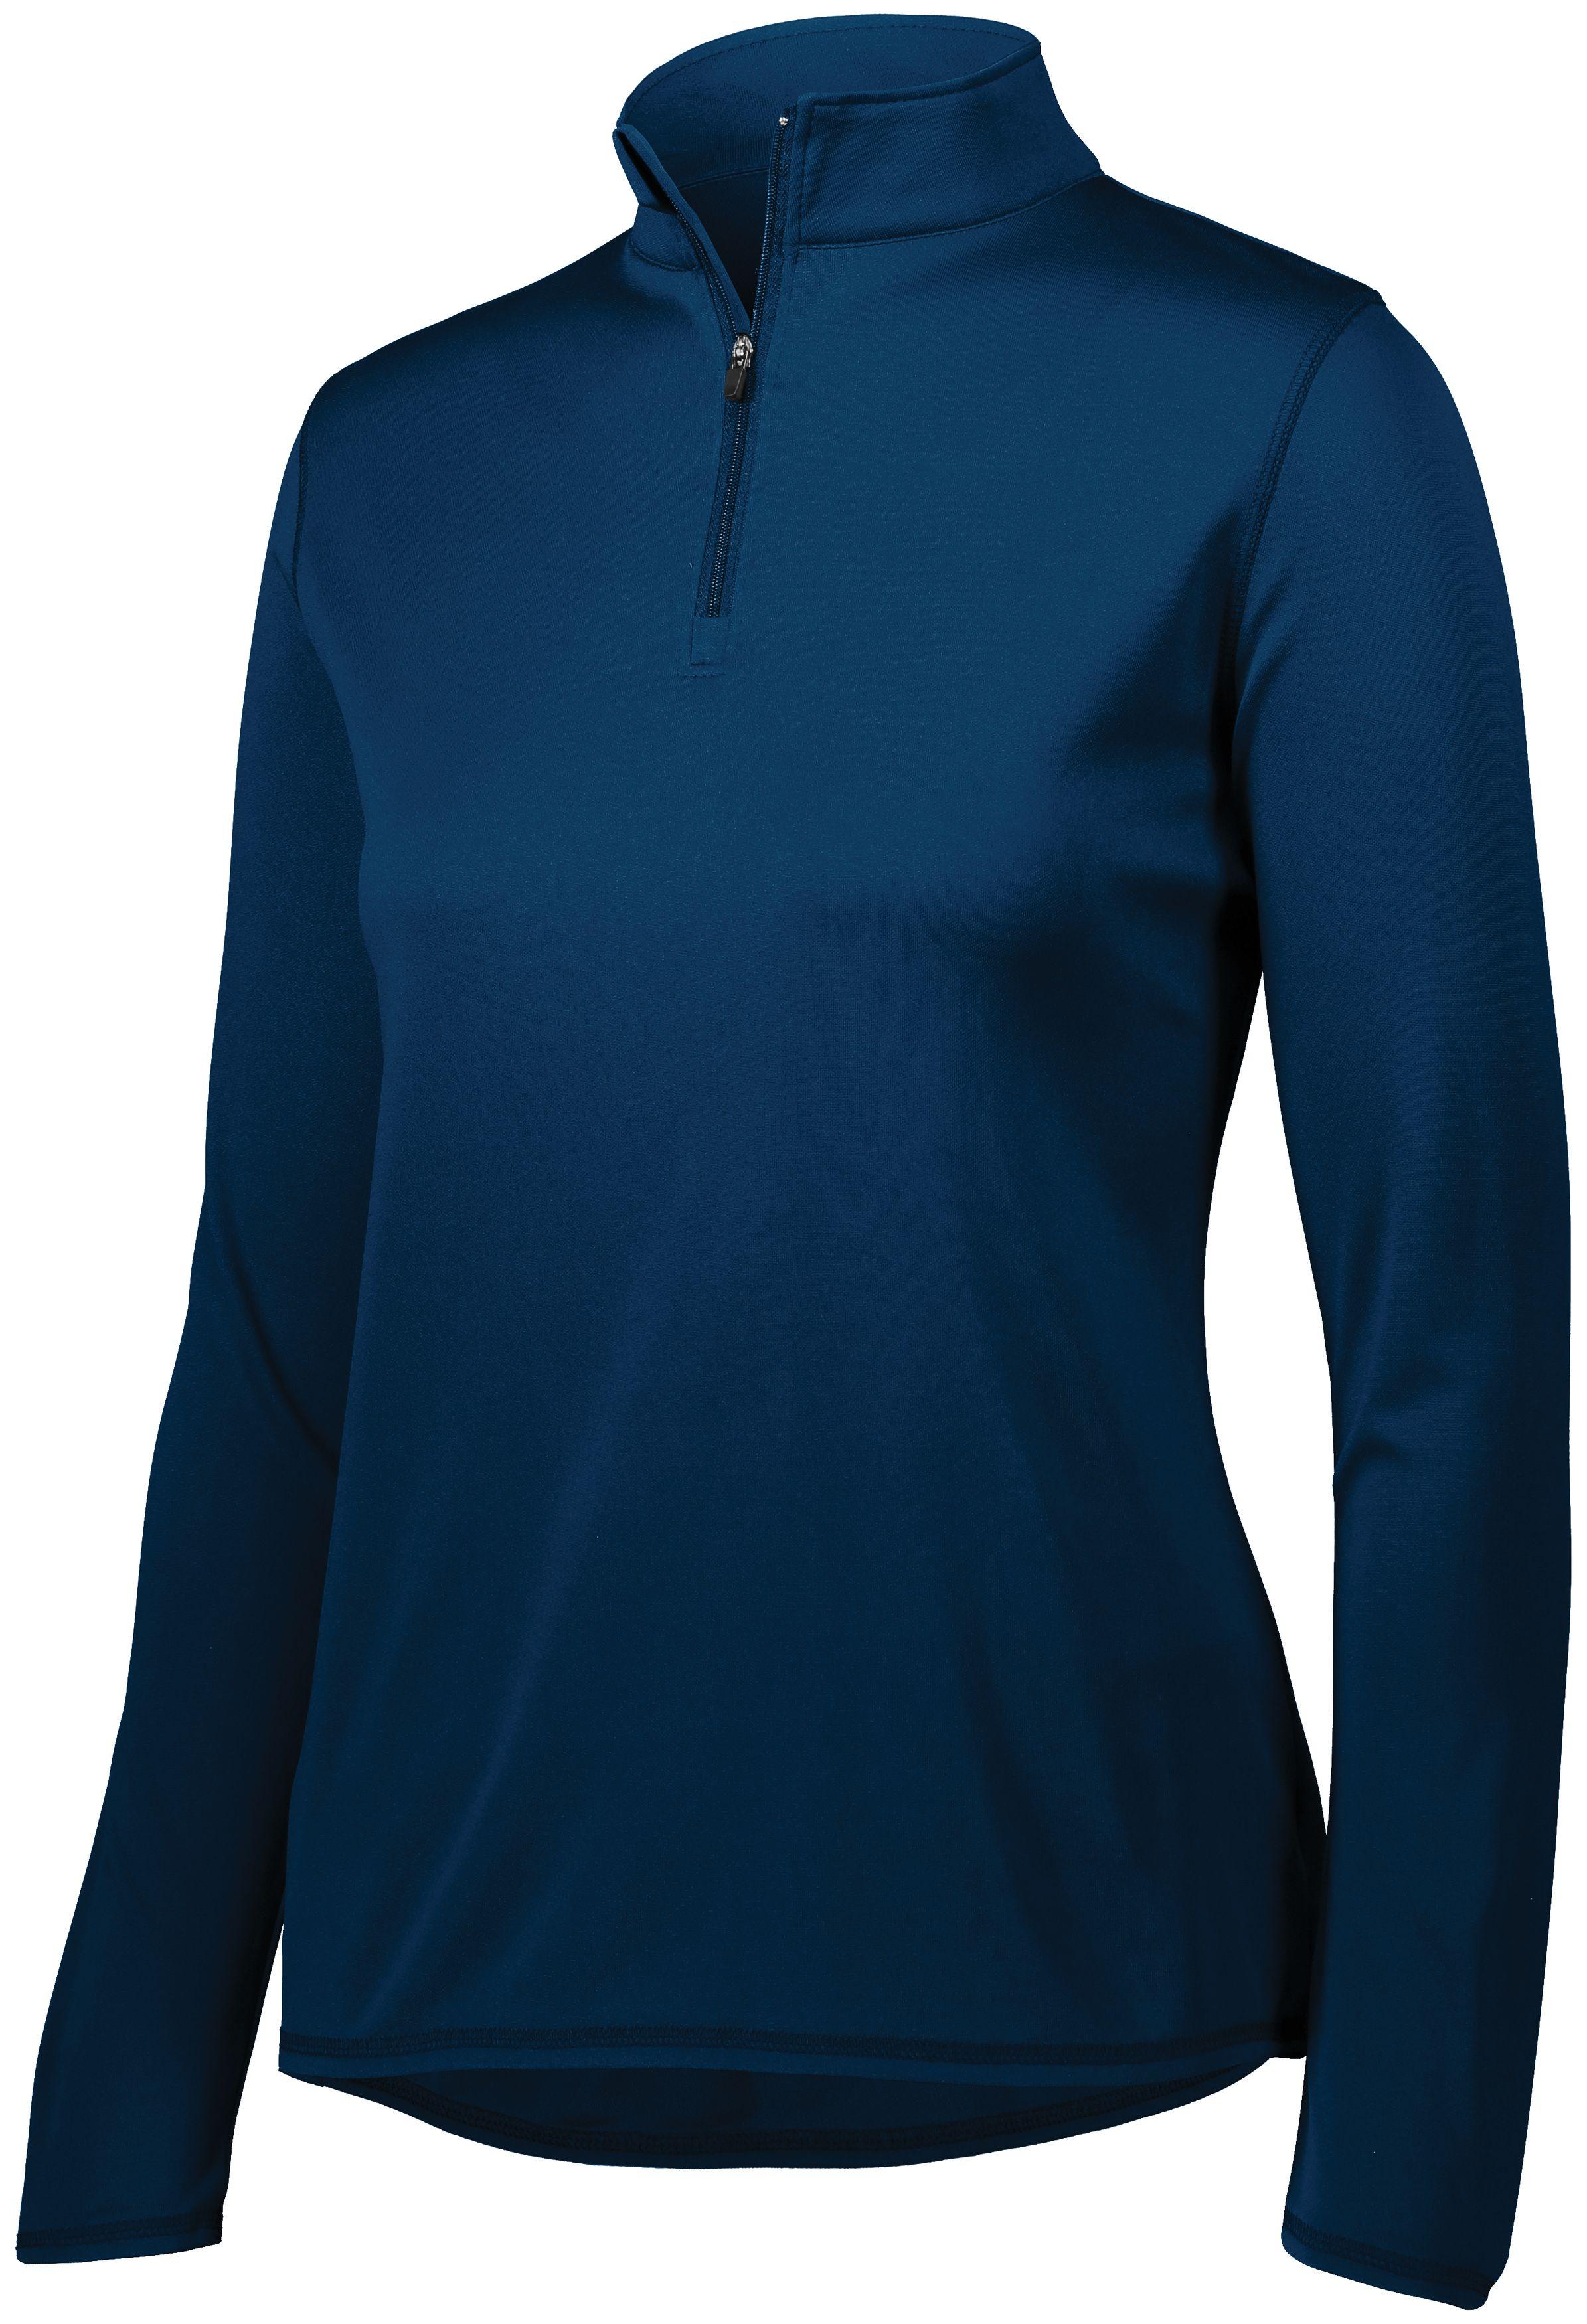 Ladies Attain Wicking 1/4 Zip Pullover - NAVY